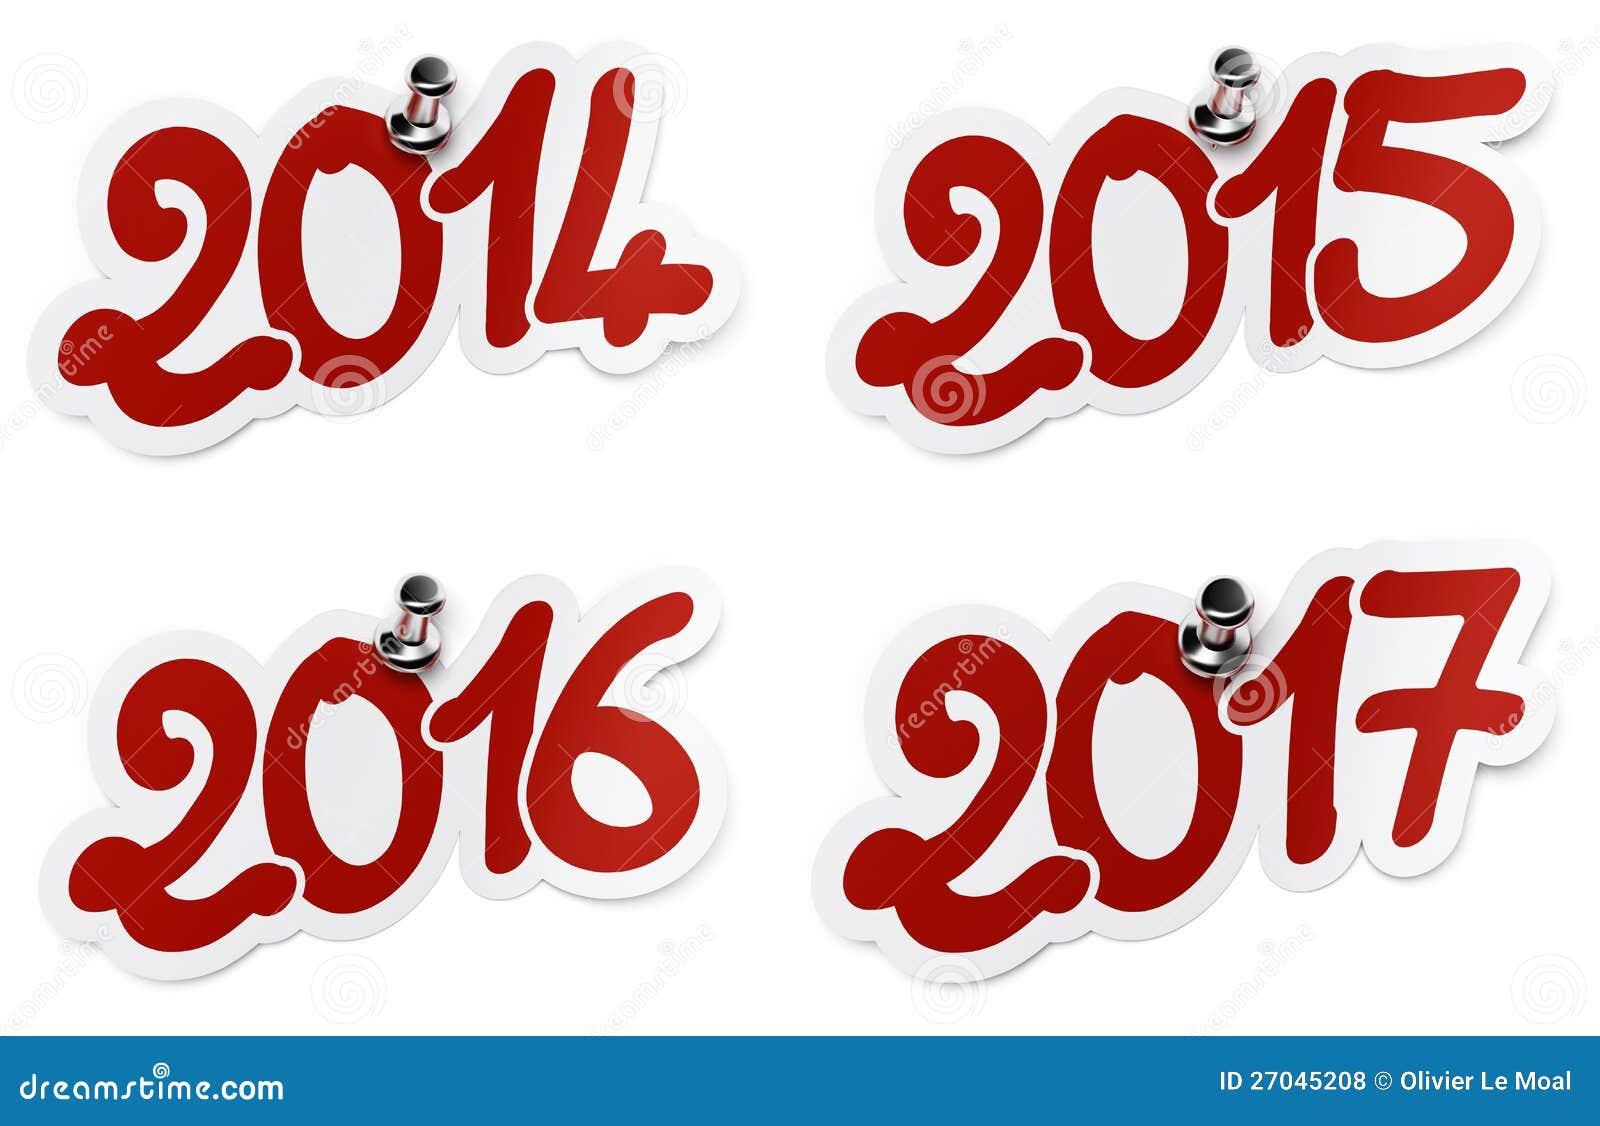 «Лучшие Мелодрамы 2015-2016 Список Фильмов Про Любовь» / 2013